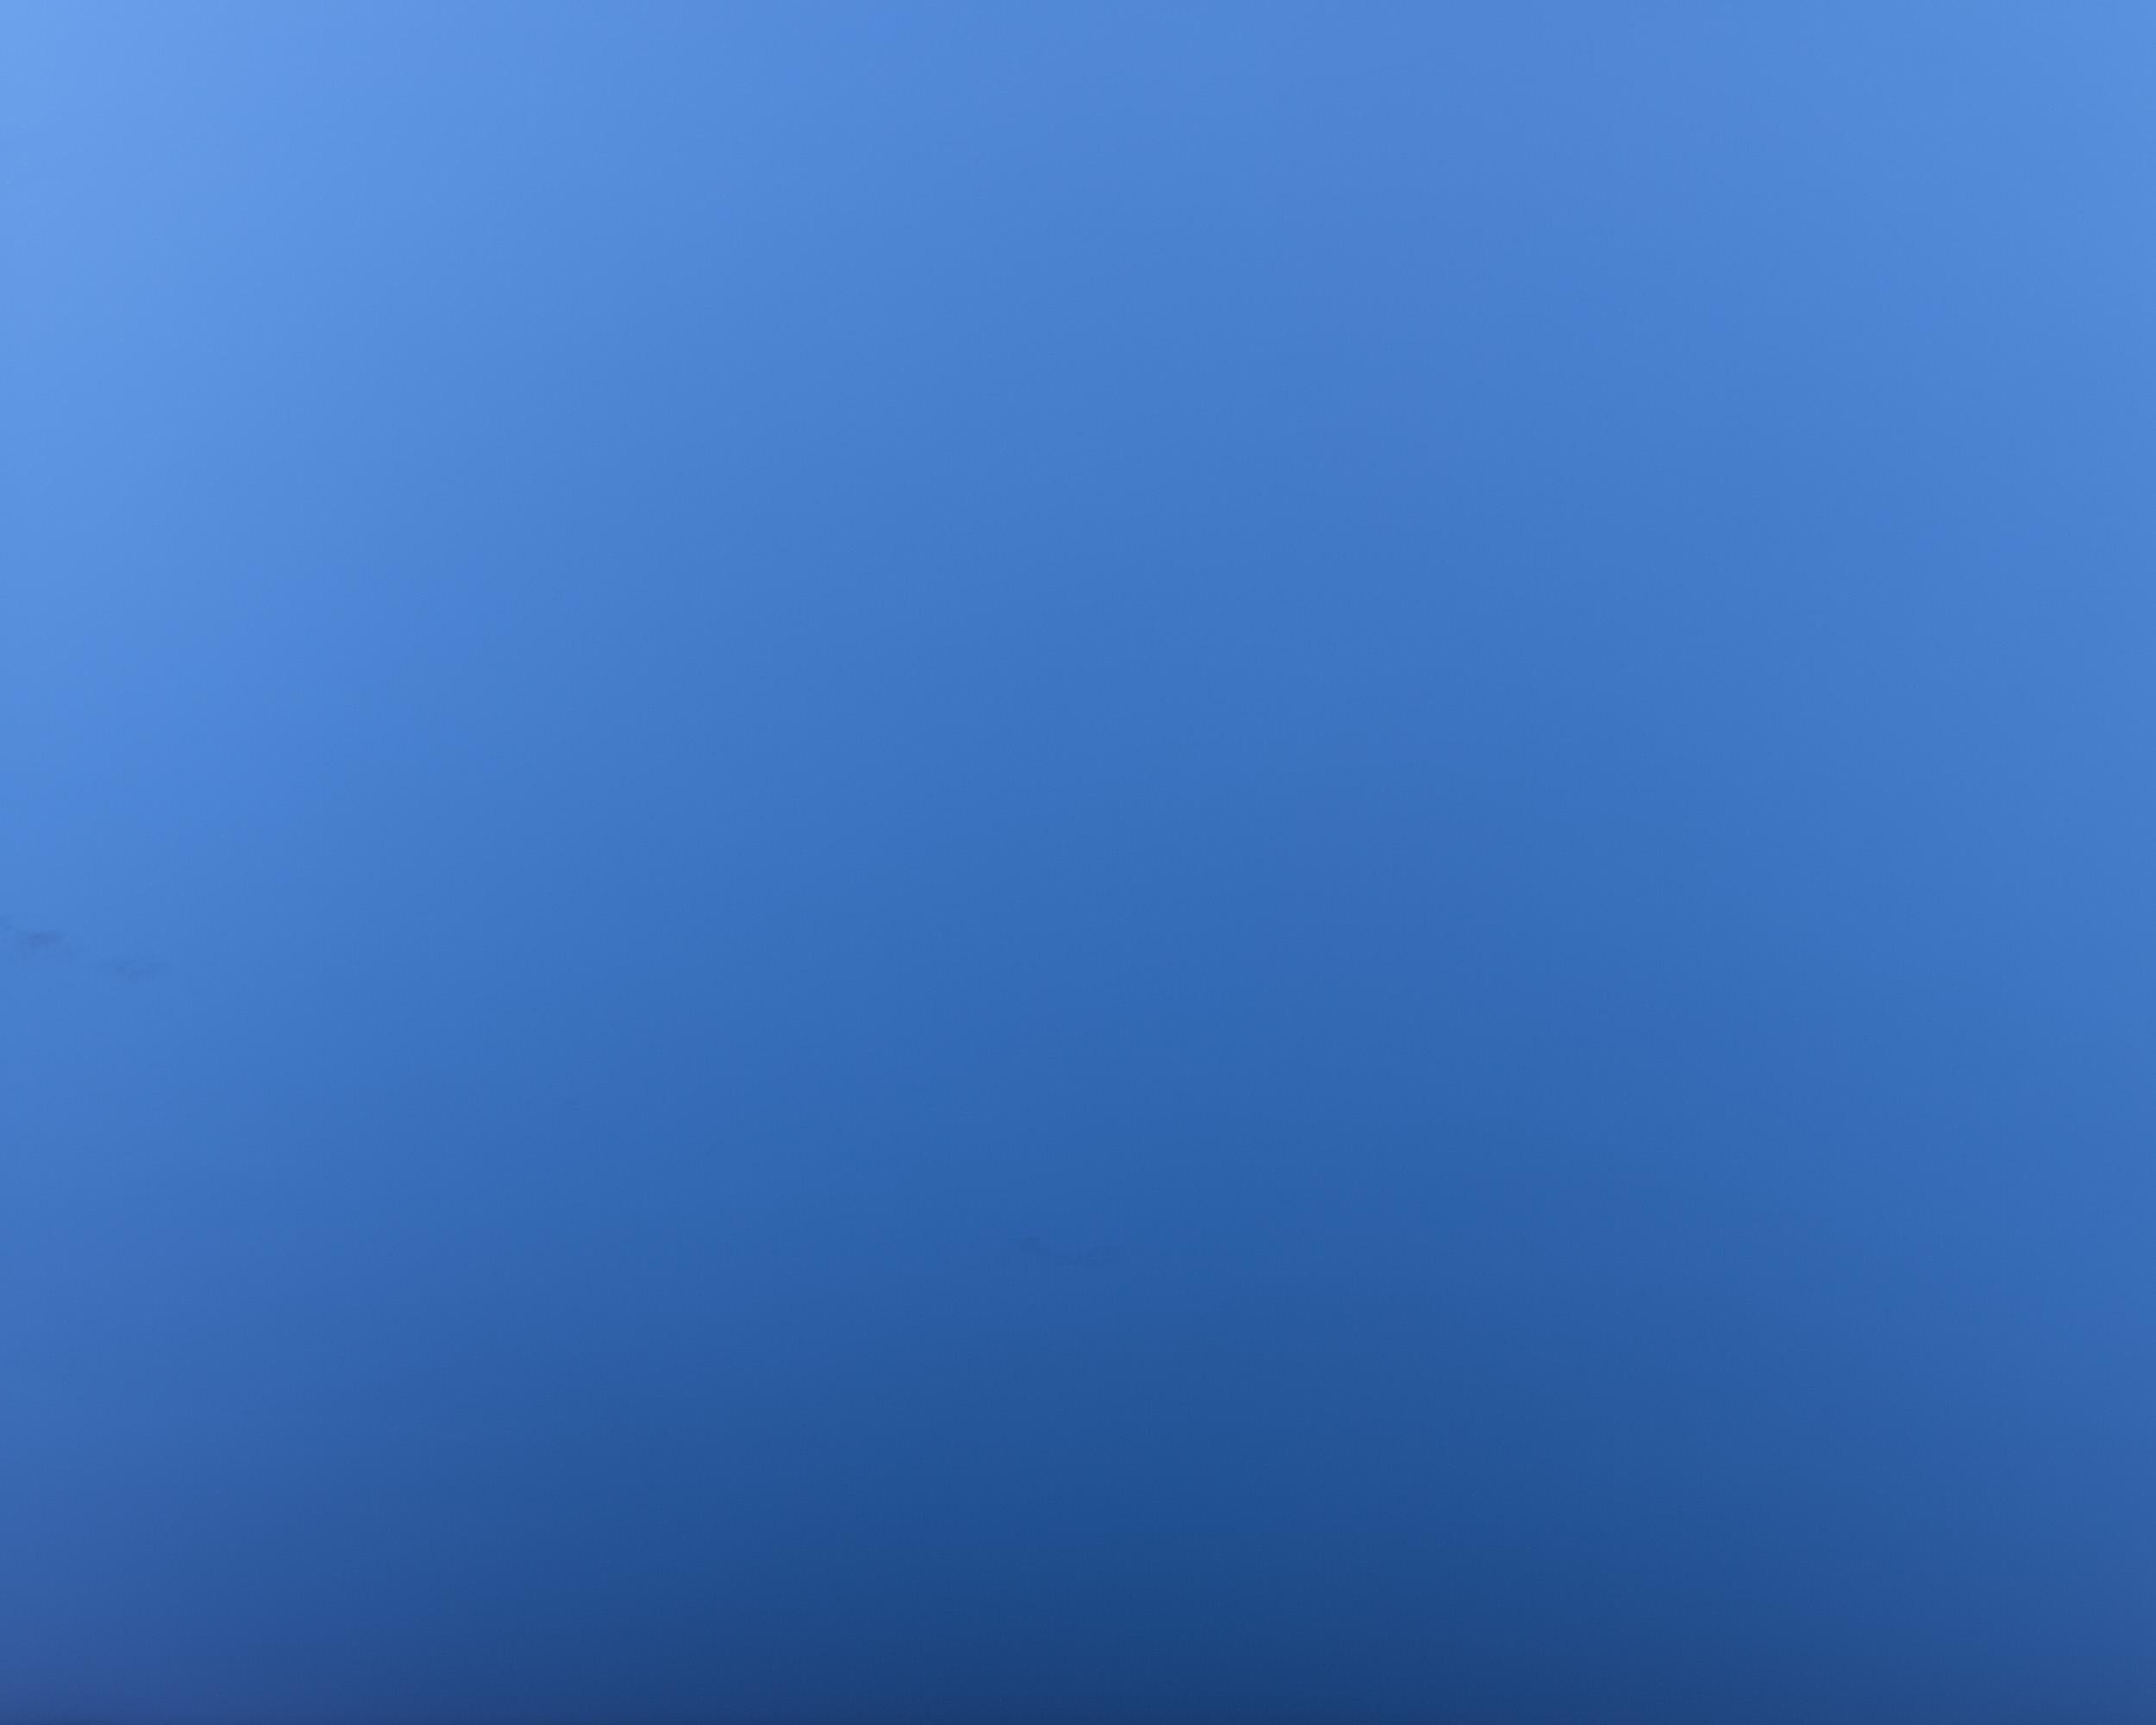 sky-6.jpg